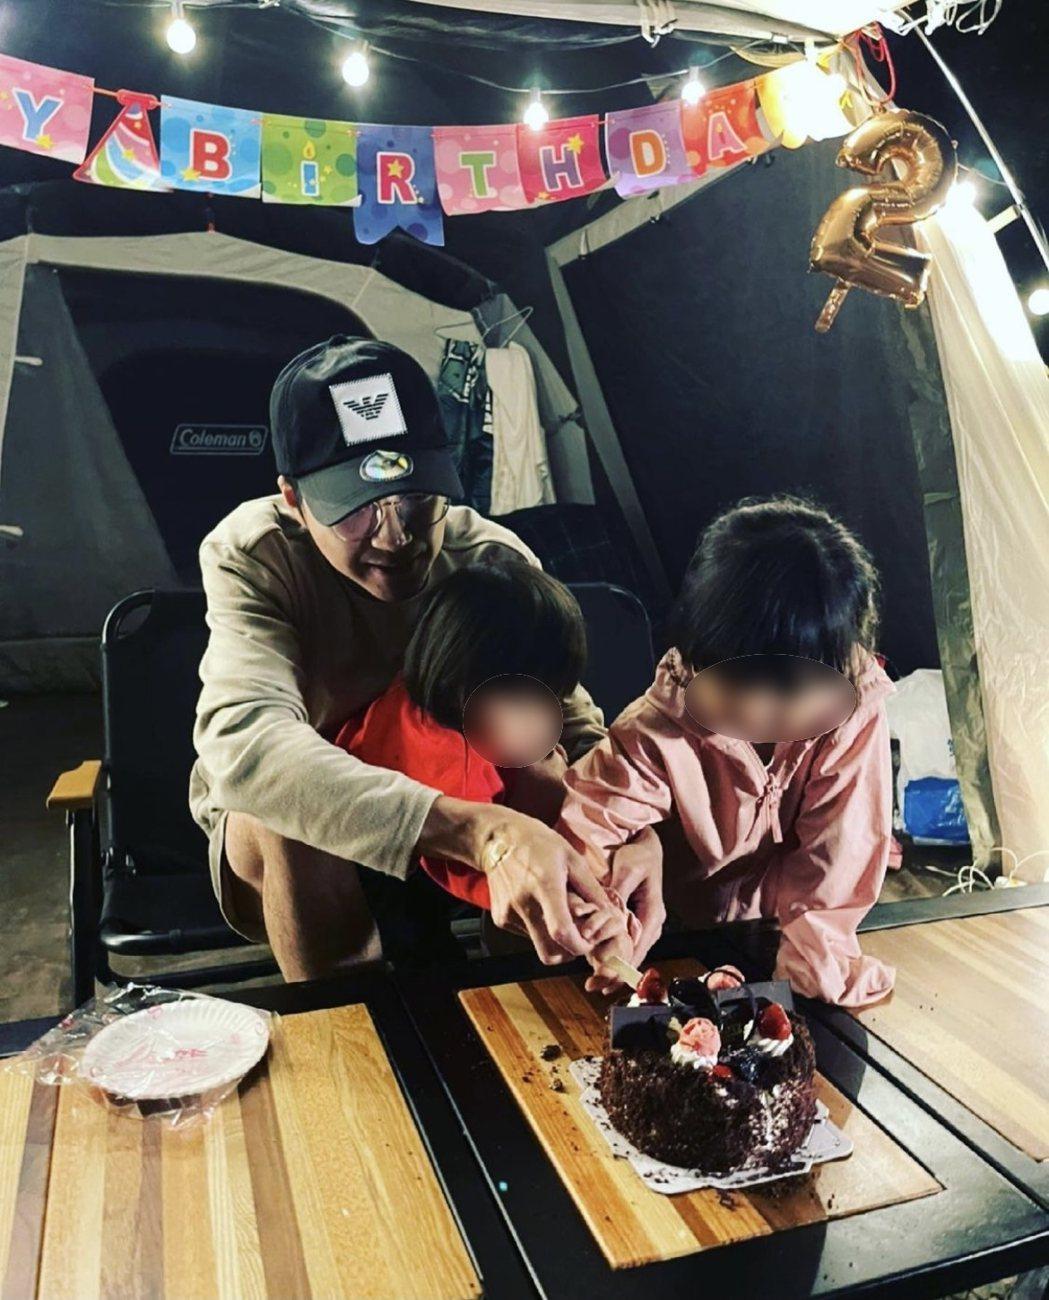 江宏傑(左)分享與一雙兒女露營慶生照。圖/摘自IG